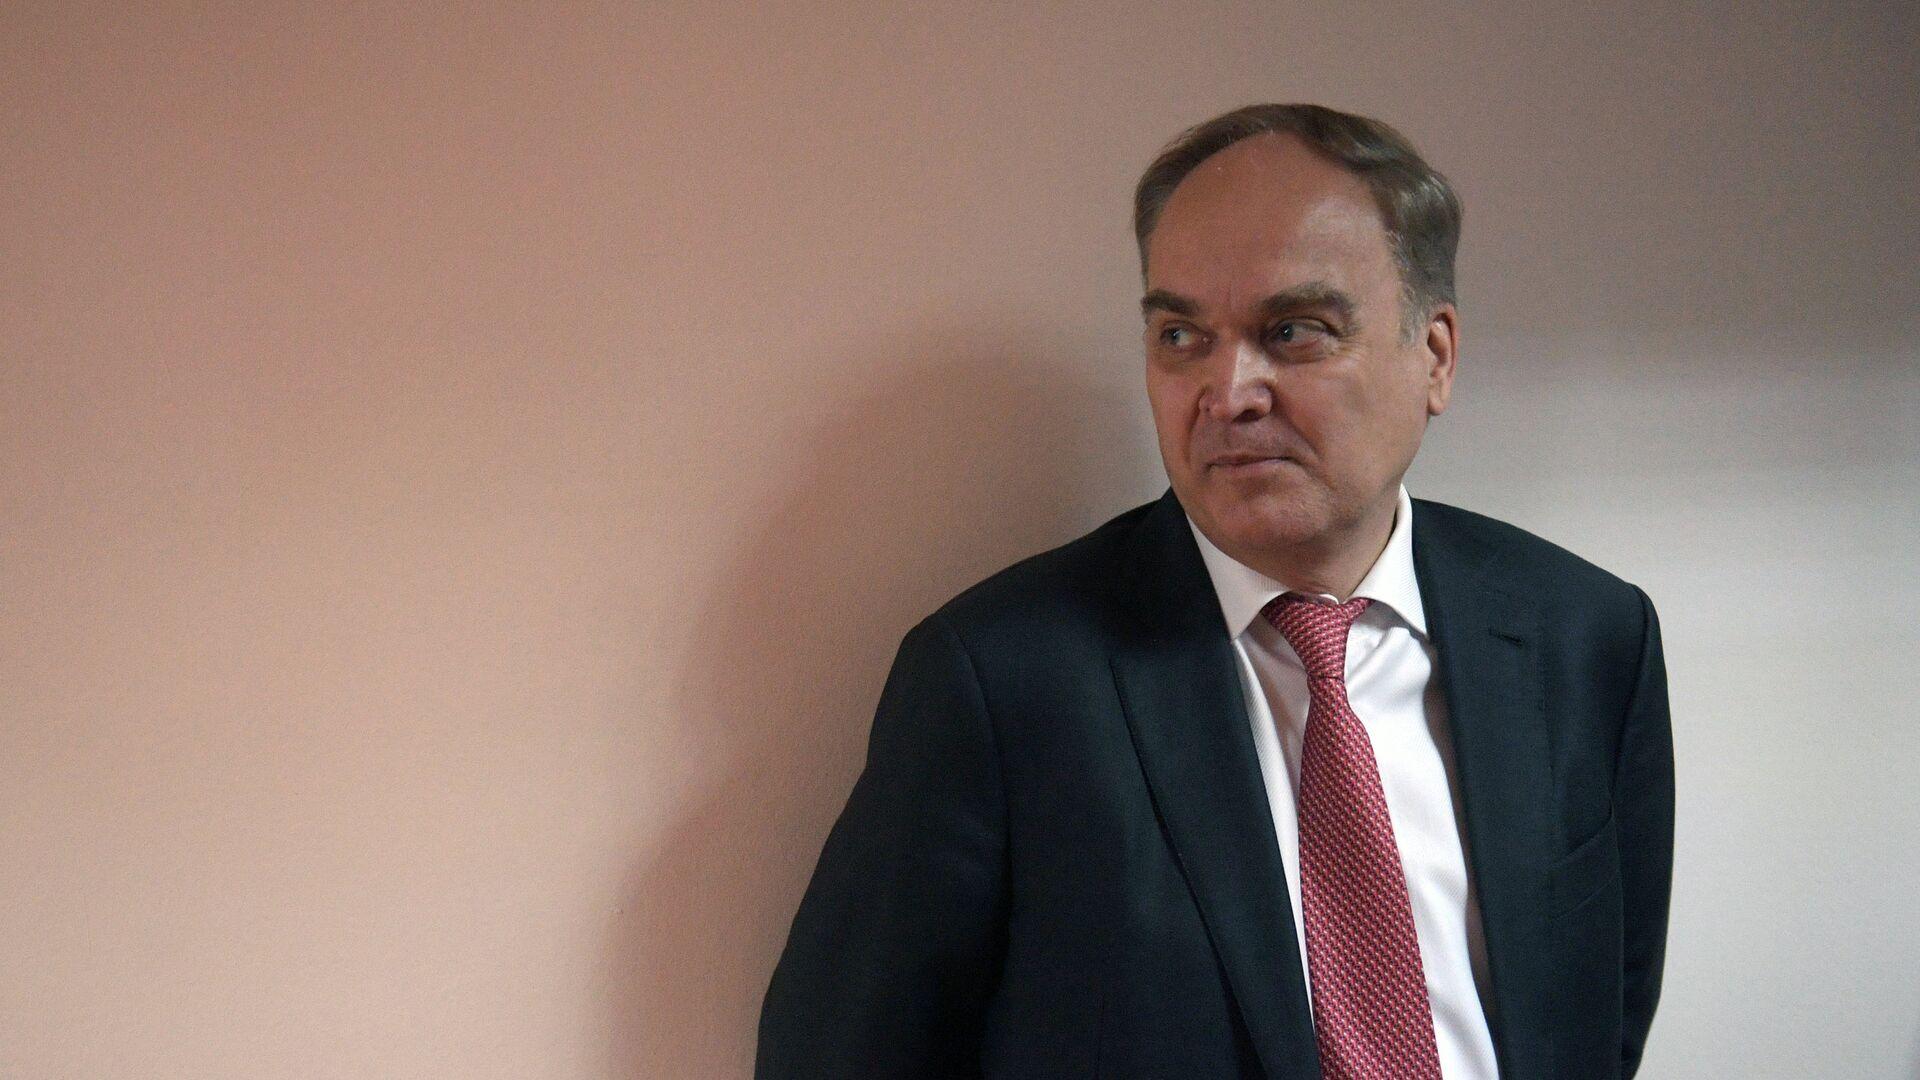 El embajador de Rusia en EEUU, Anatoli Antónov - Sputnik Mundo, 1920, 05.03.2021